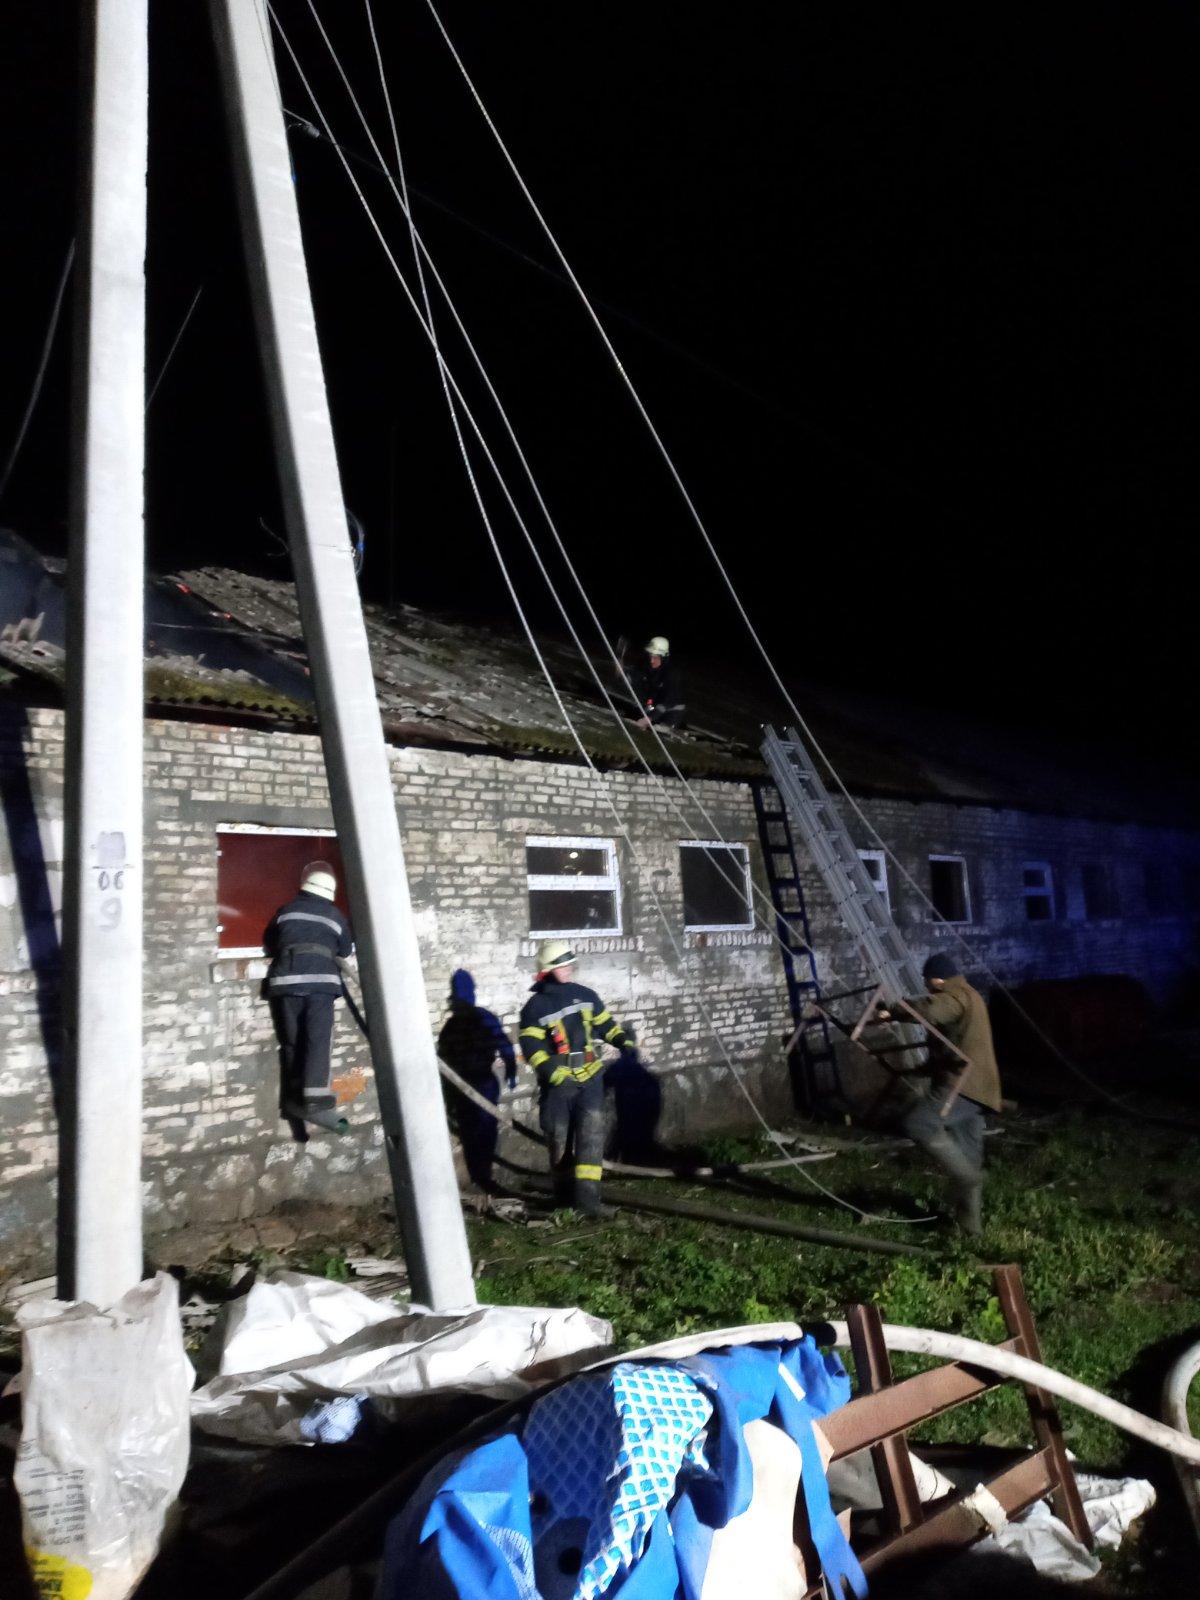 Рокитне: загасили пожежу будівлі тваринницької ферми - фермерське господарство, Тварини, Рокитне, вогонь - IMG 4369fc81fbab19c27212b8f0ea06d8fc V